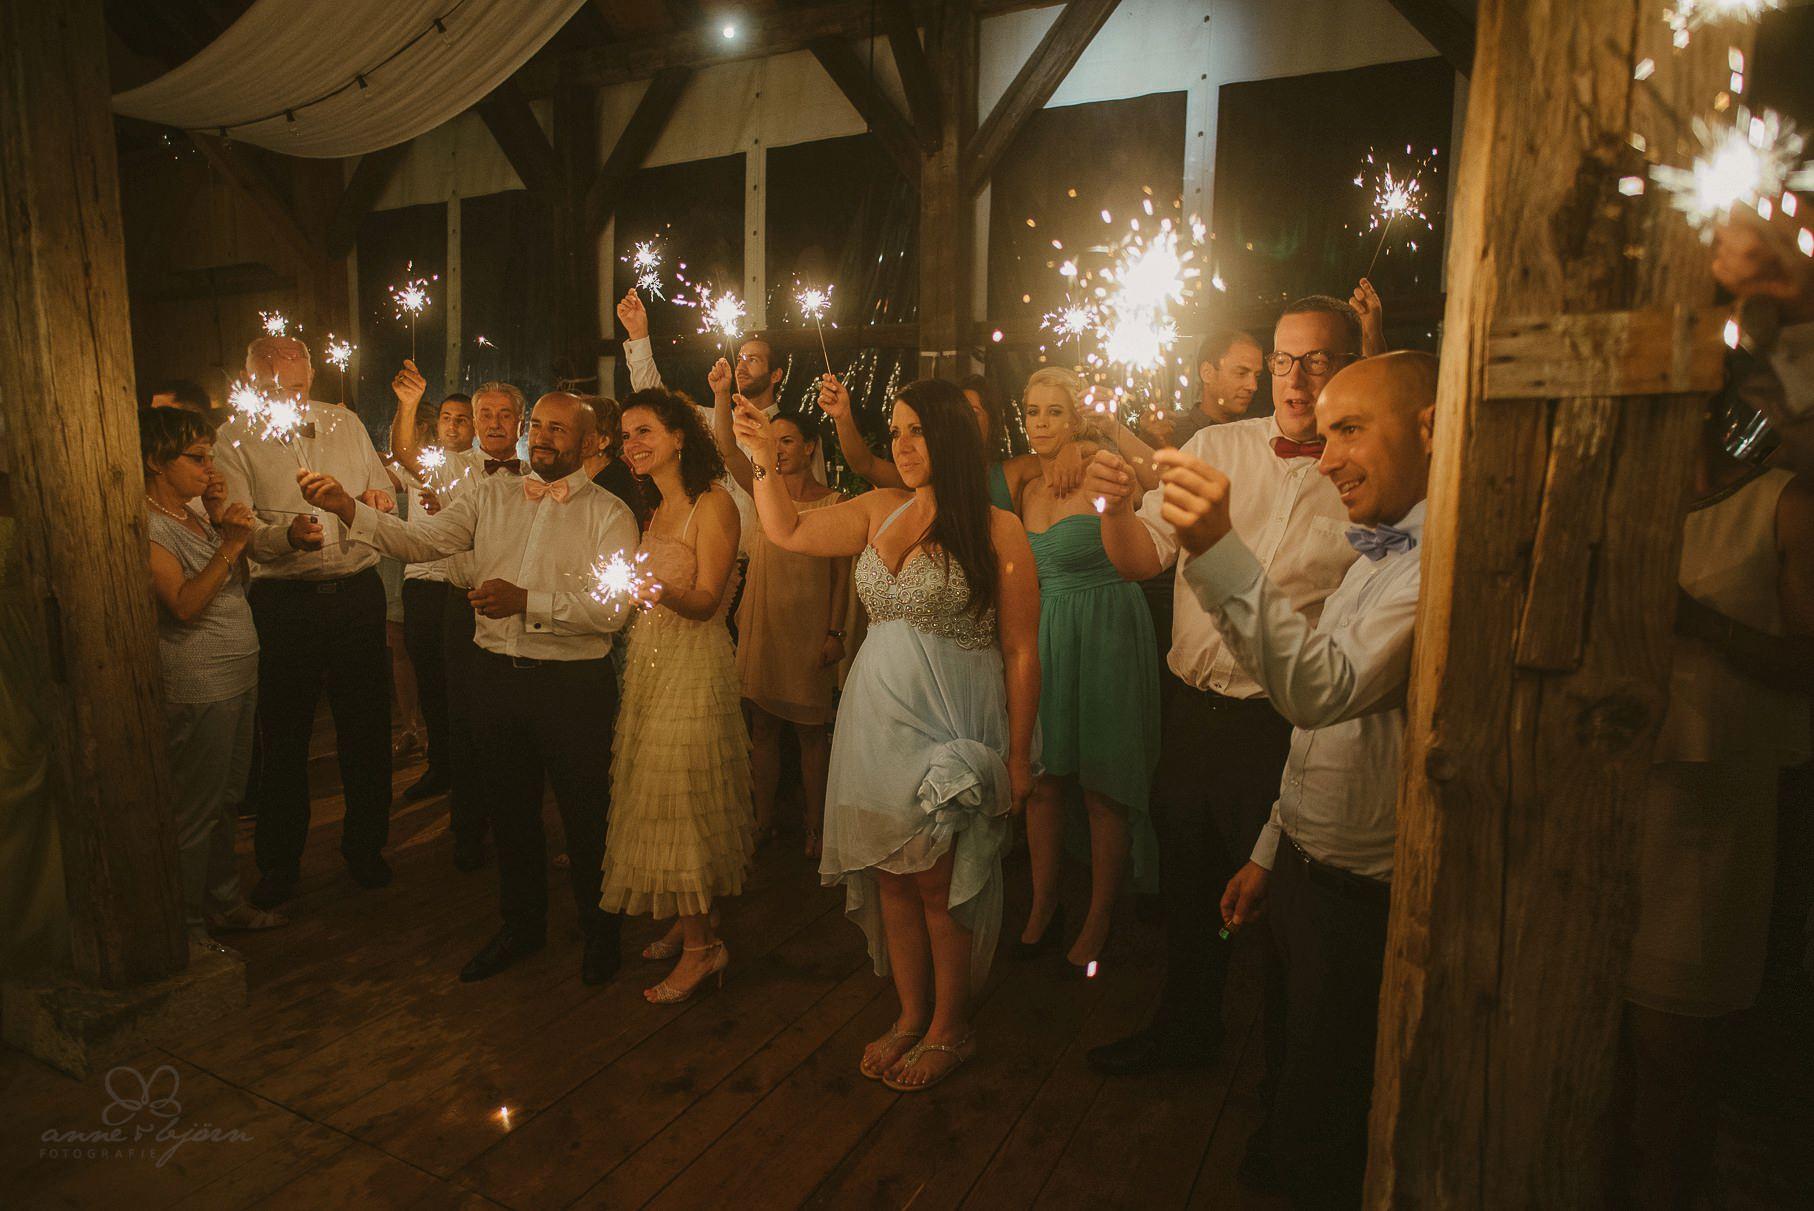 0147 anne und bjoern hochzeit schweiz d75 2560 - DIY Hochzeit in der Schweiz - Sabrina & Christoph